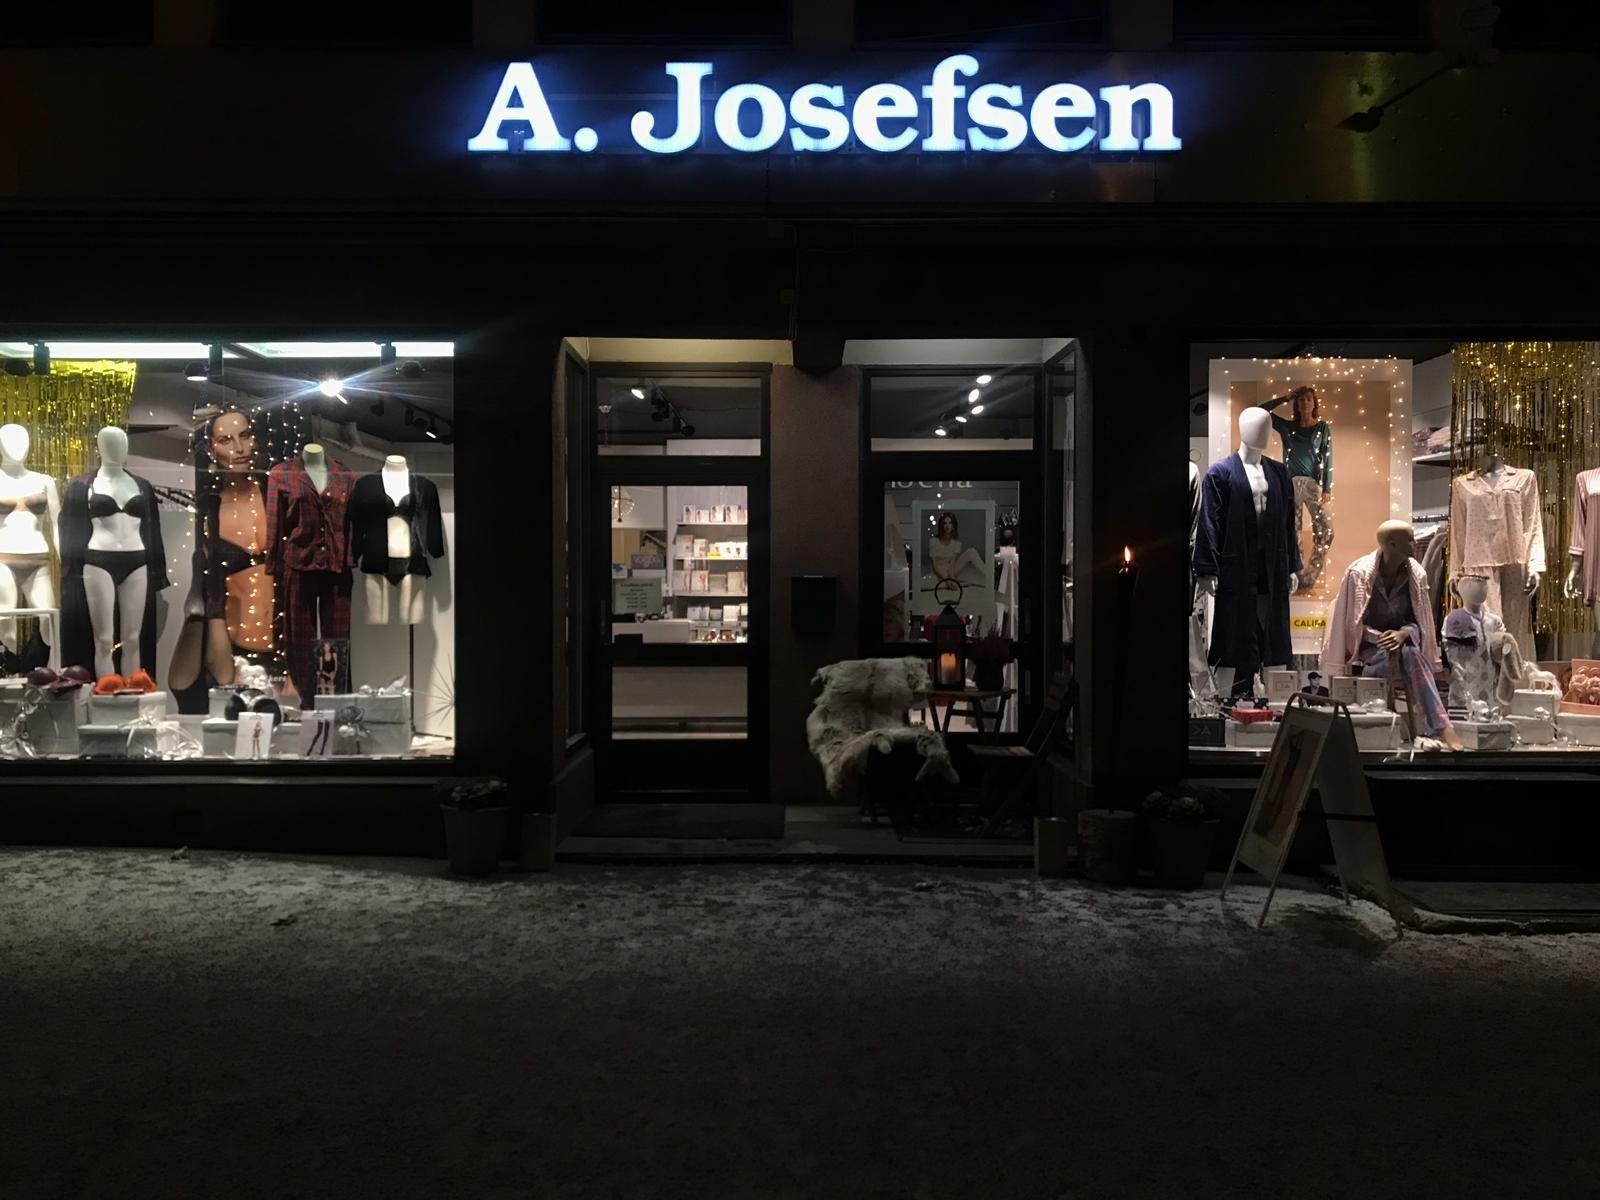 A. Josefsen